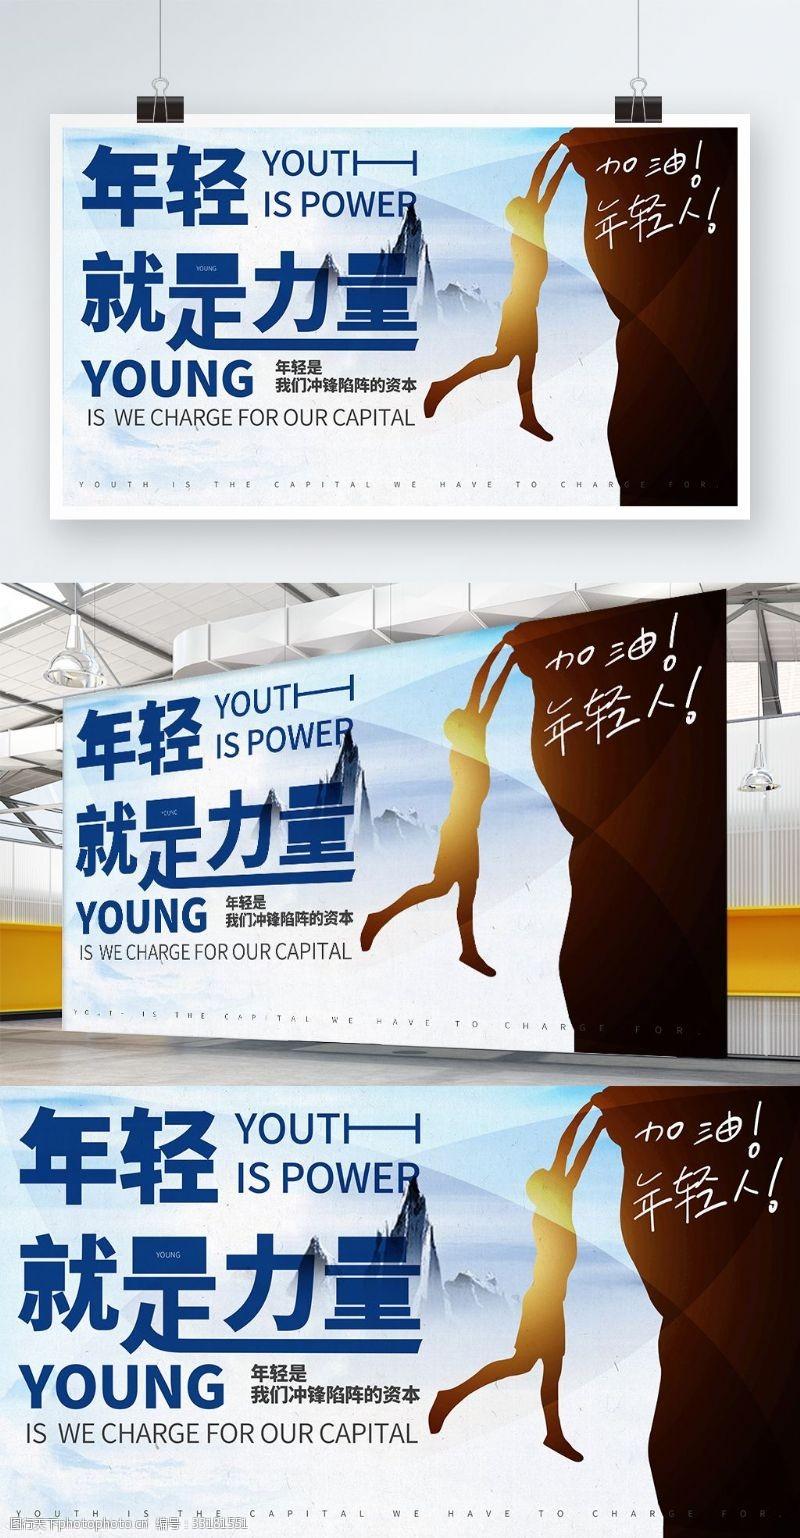 年轻就是力量加油年轻人